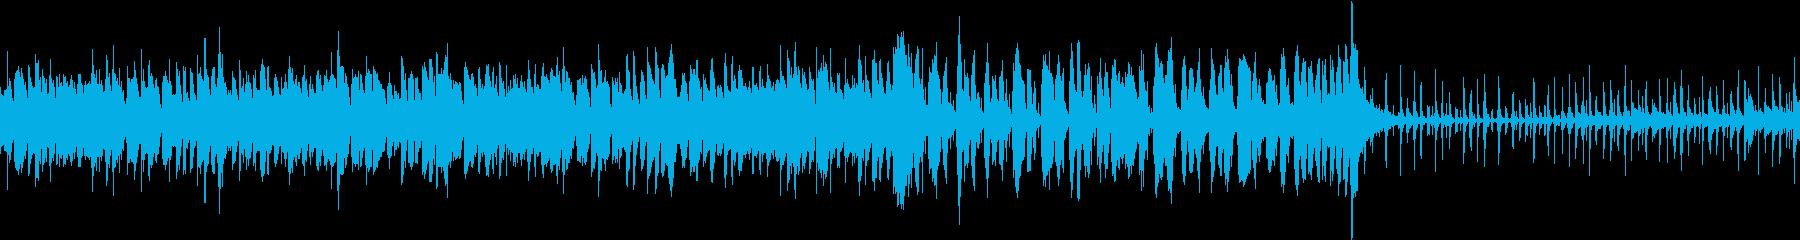 ループ可/ドタバタ大騒ぎする賑やかな楽曲の再生済みの波形